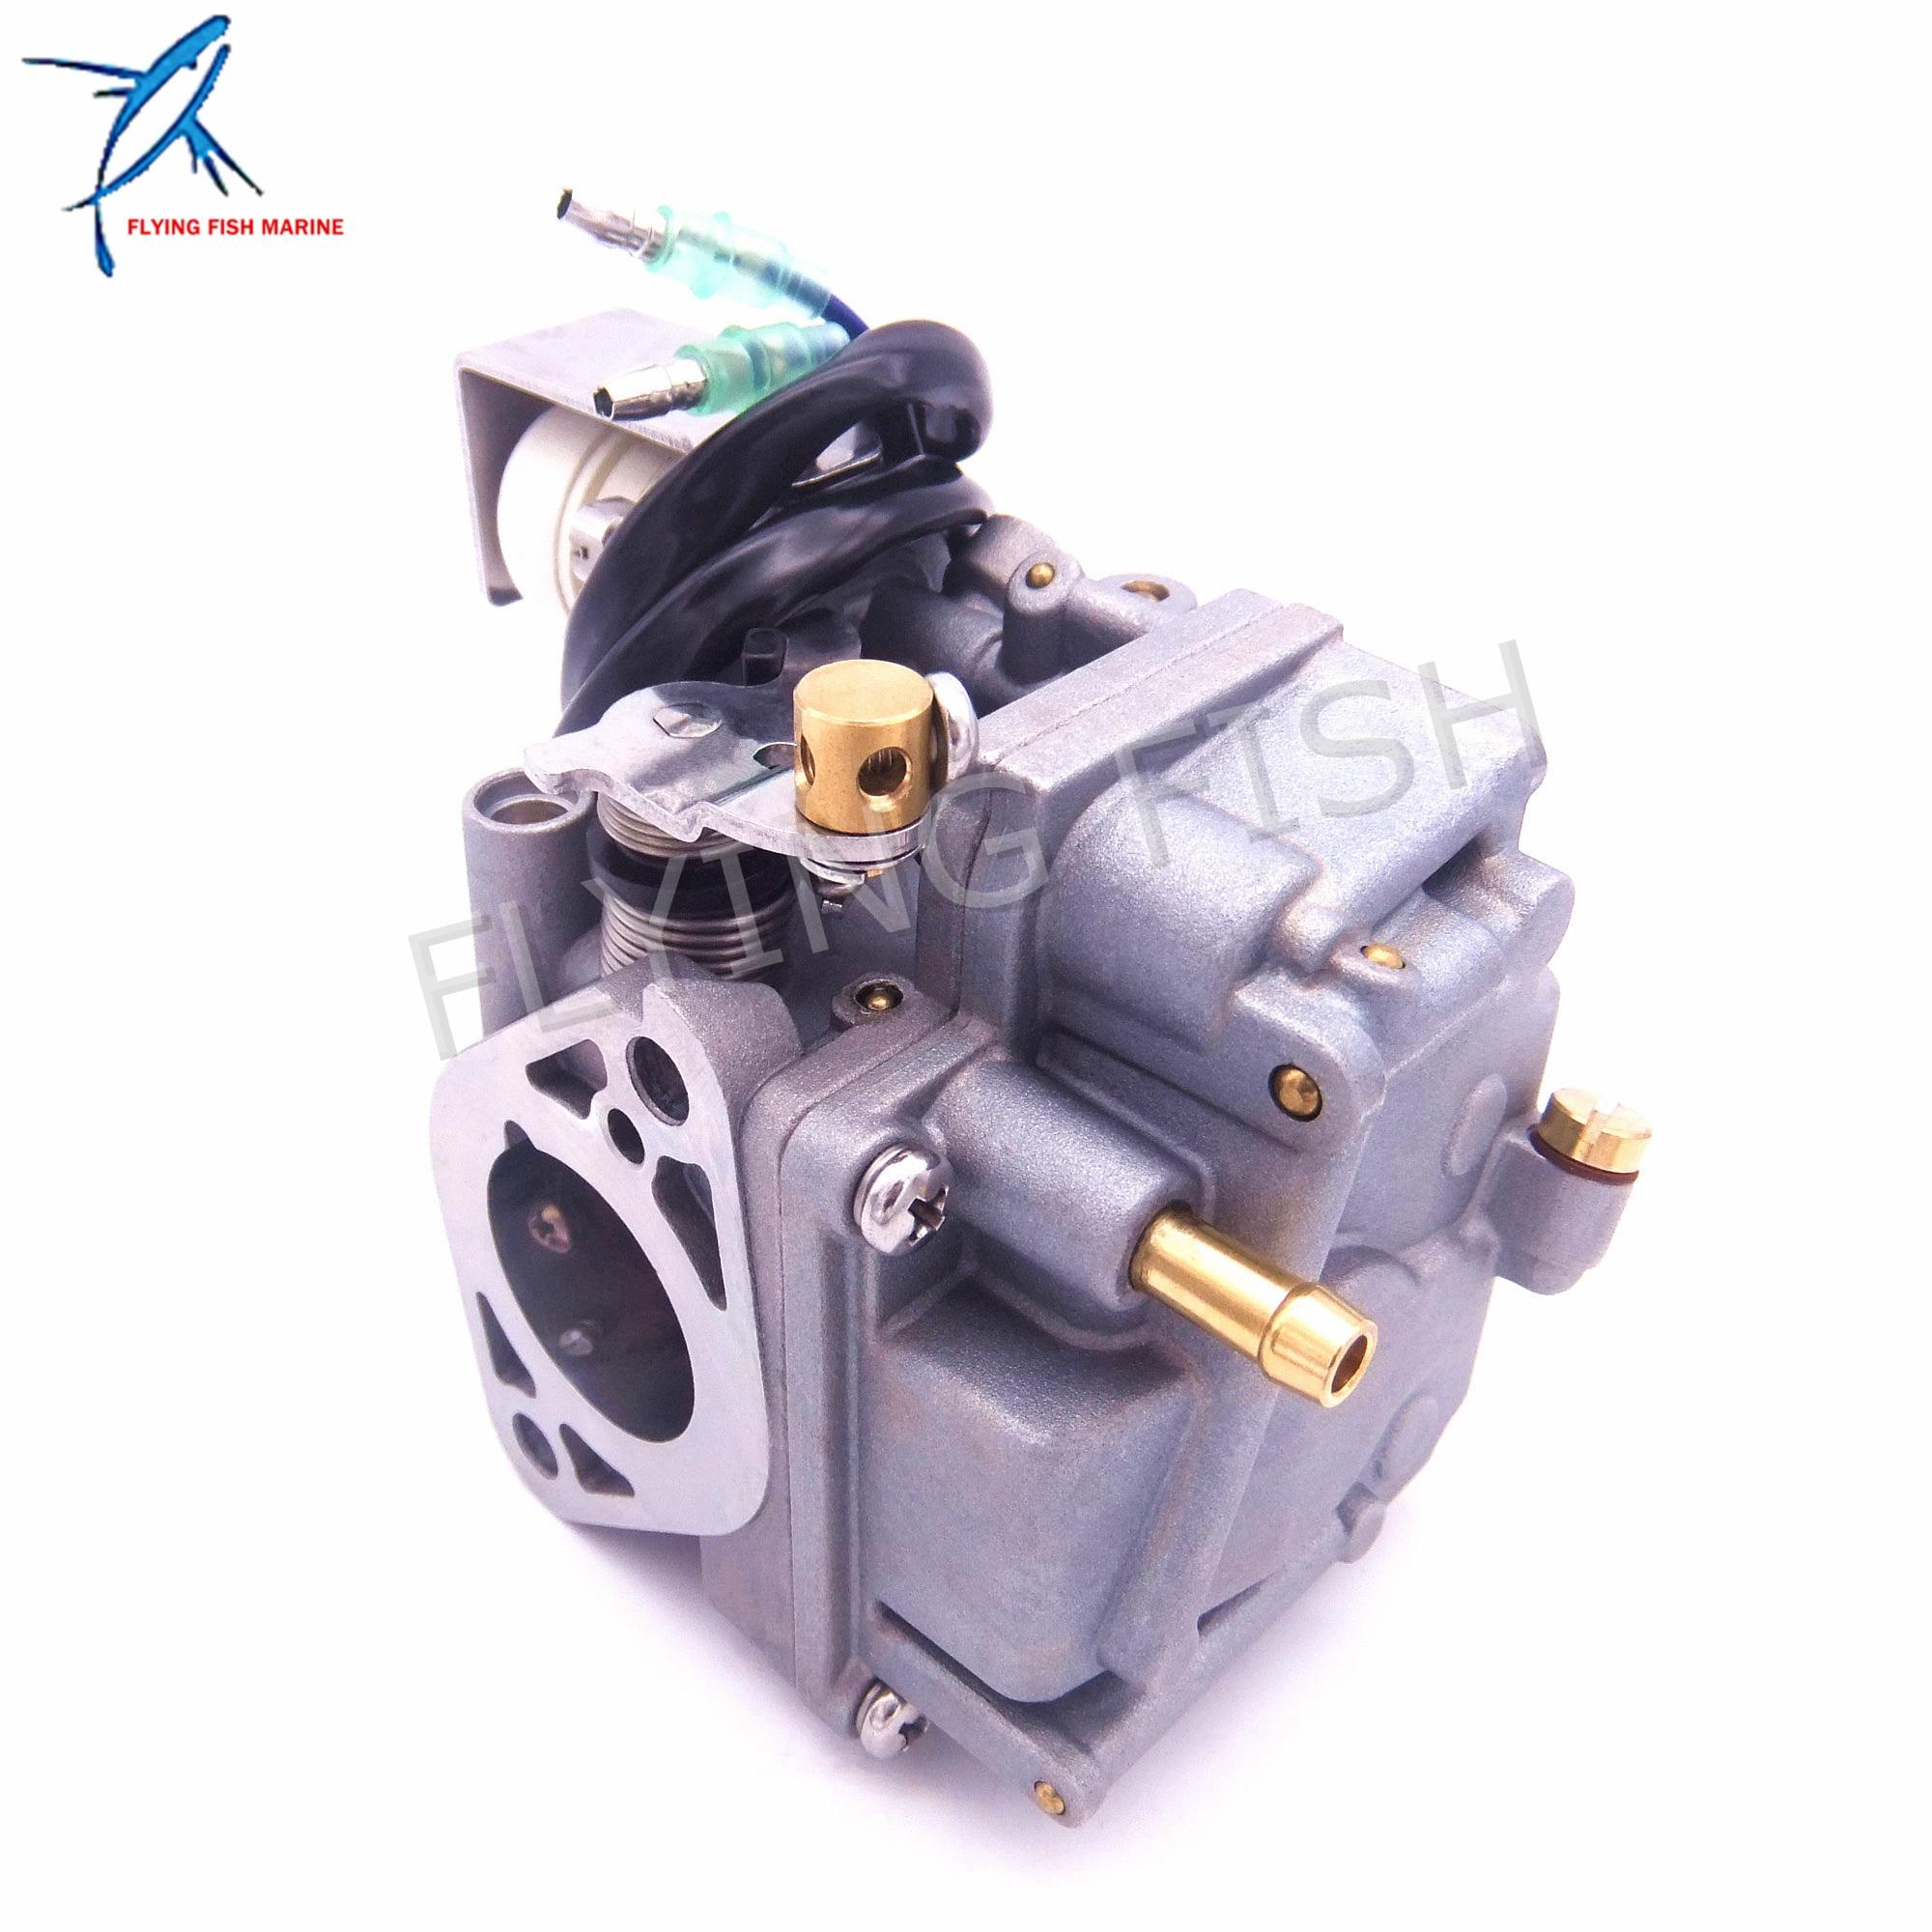 Boat Motor Carburetor Assy 6AH-14301-00 6AH-14301-01 for Yamaha 4-stroke F20 Outboard Engine 66m 14301 11 66m 14301 00 carburetor assy for yamaha 4 stroke 15hp f15 outboard motors